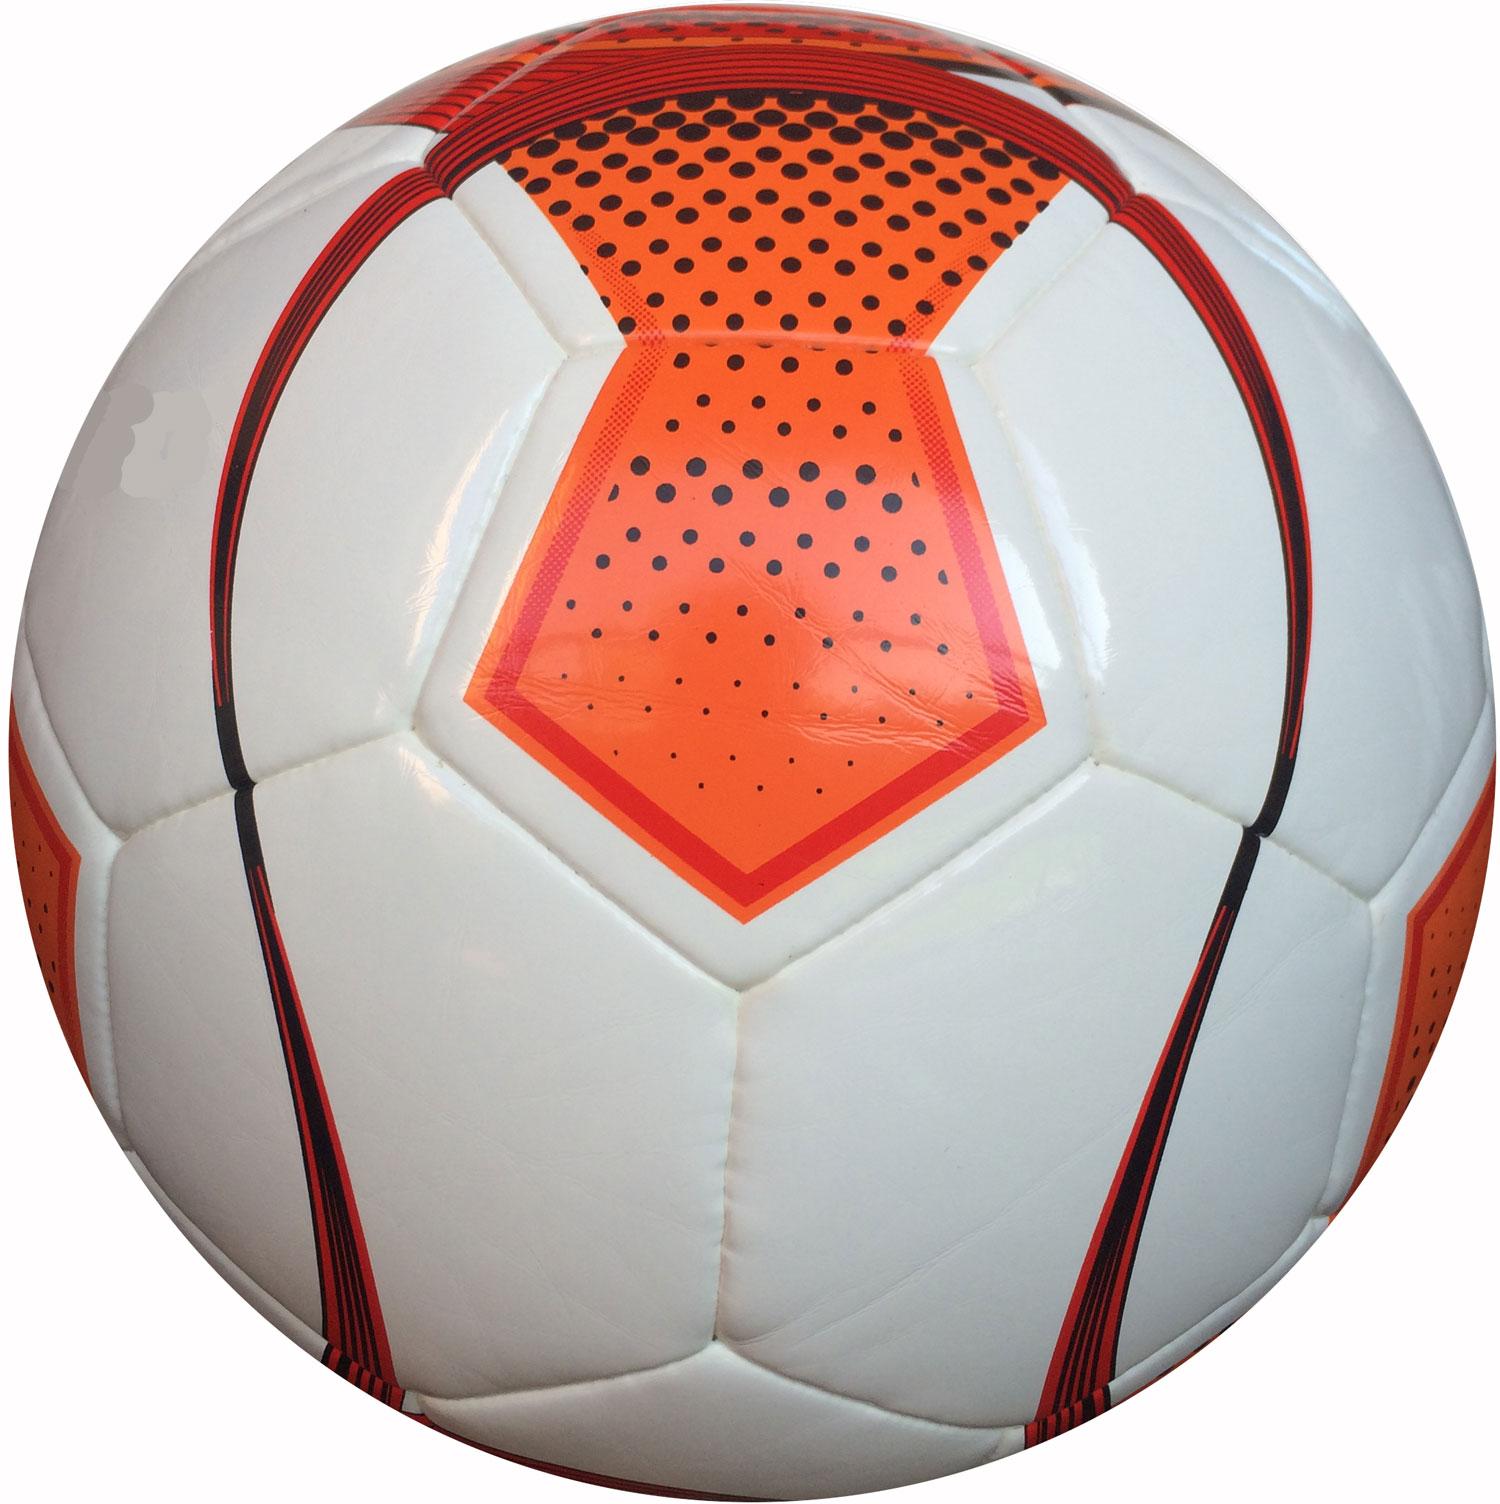 Genäht & verklebt - Fußball Schnittmuster - Fußbälle bedrucken